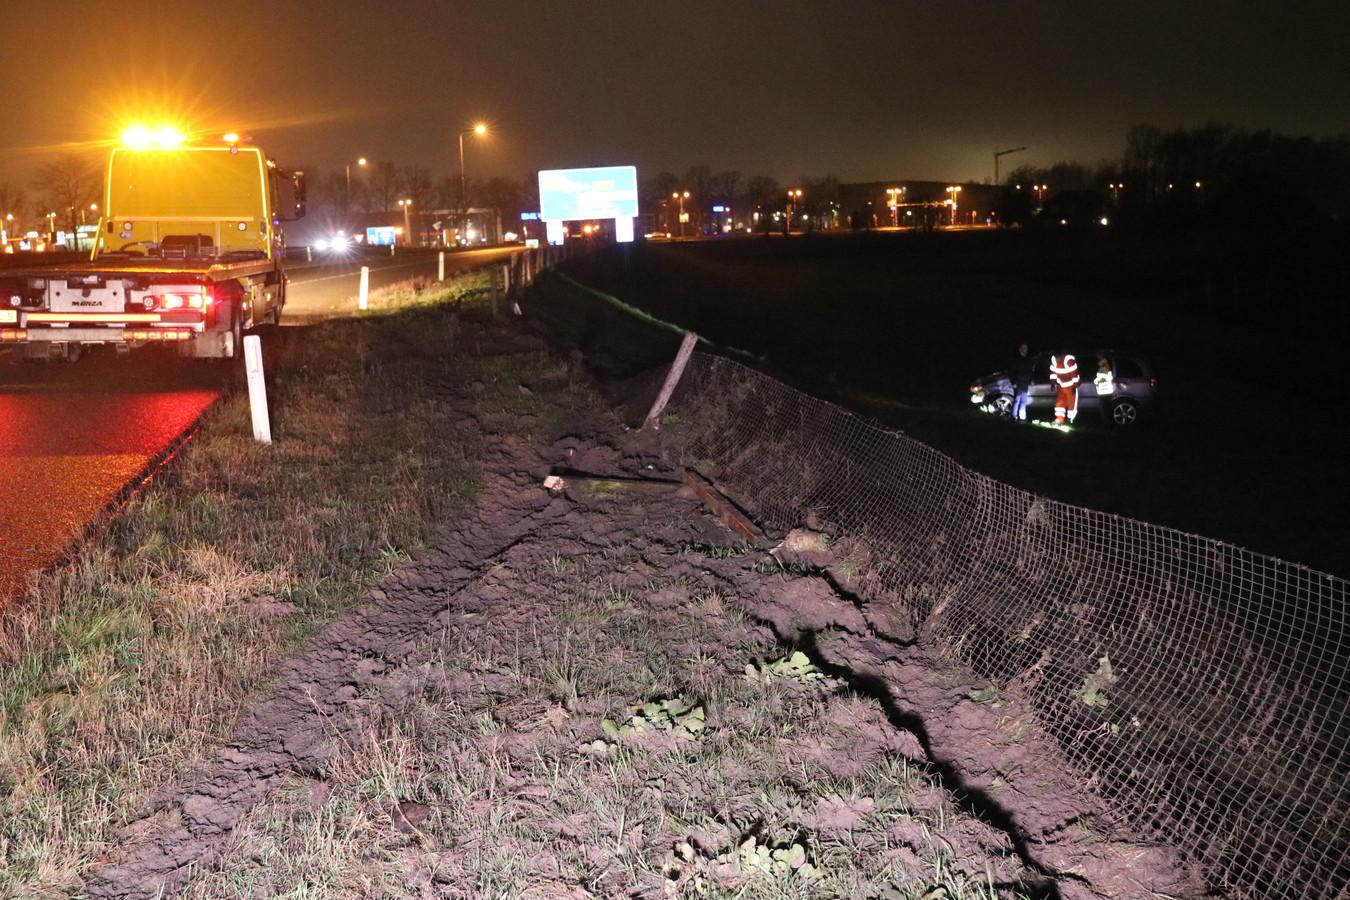 De man reed door onbekende oorzaak van de afrit van de A30 en kwam in een weiland tot stilstand.